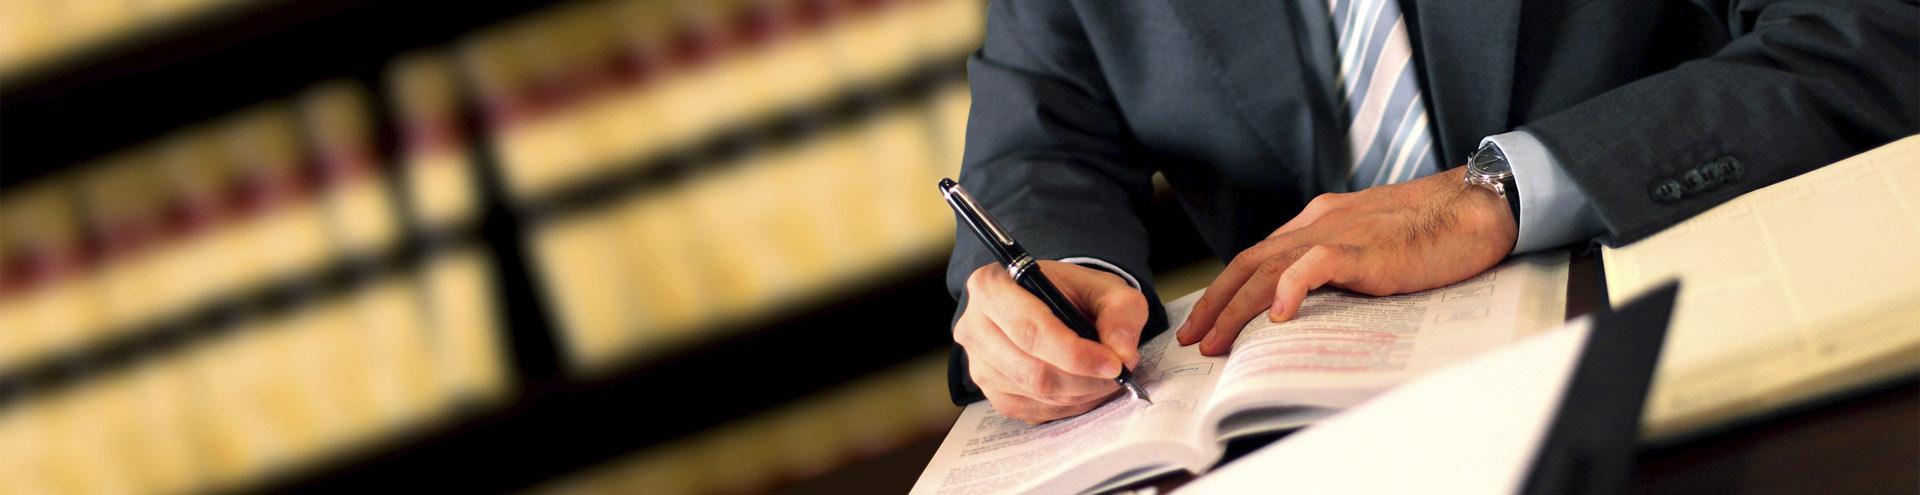 представительство в суде в Ижевске и Удмуртской Республике